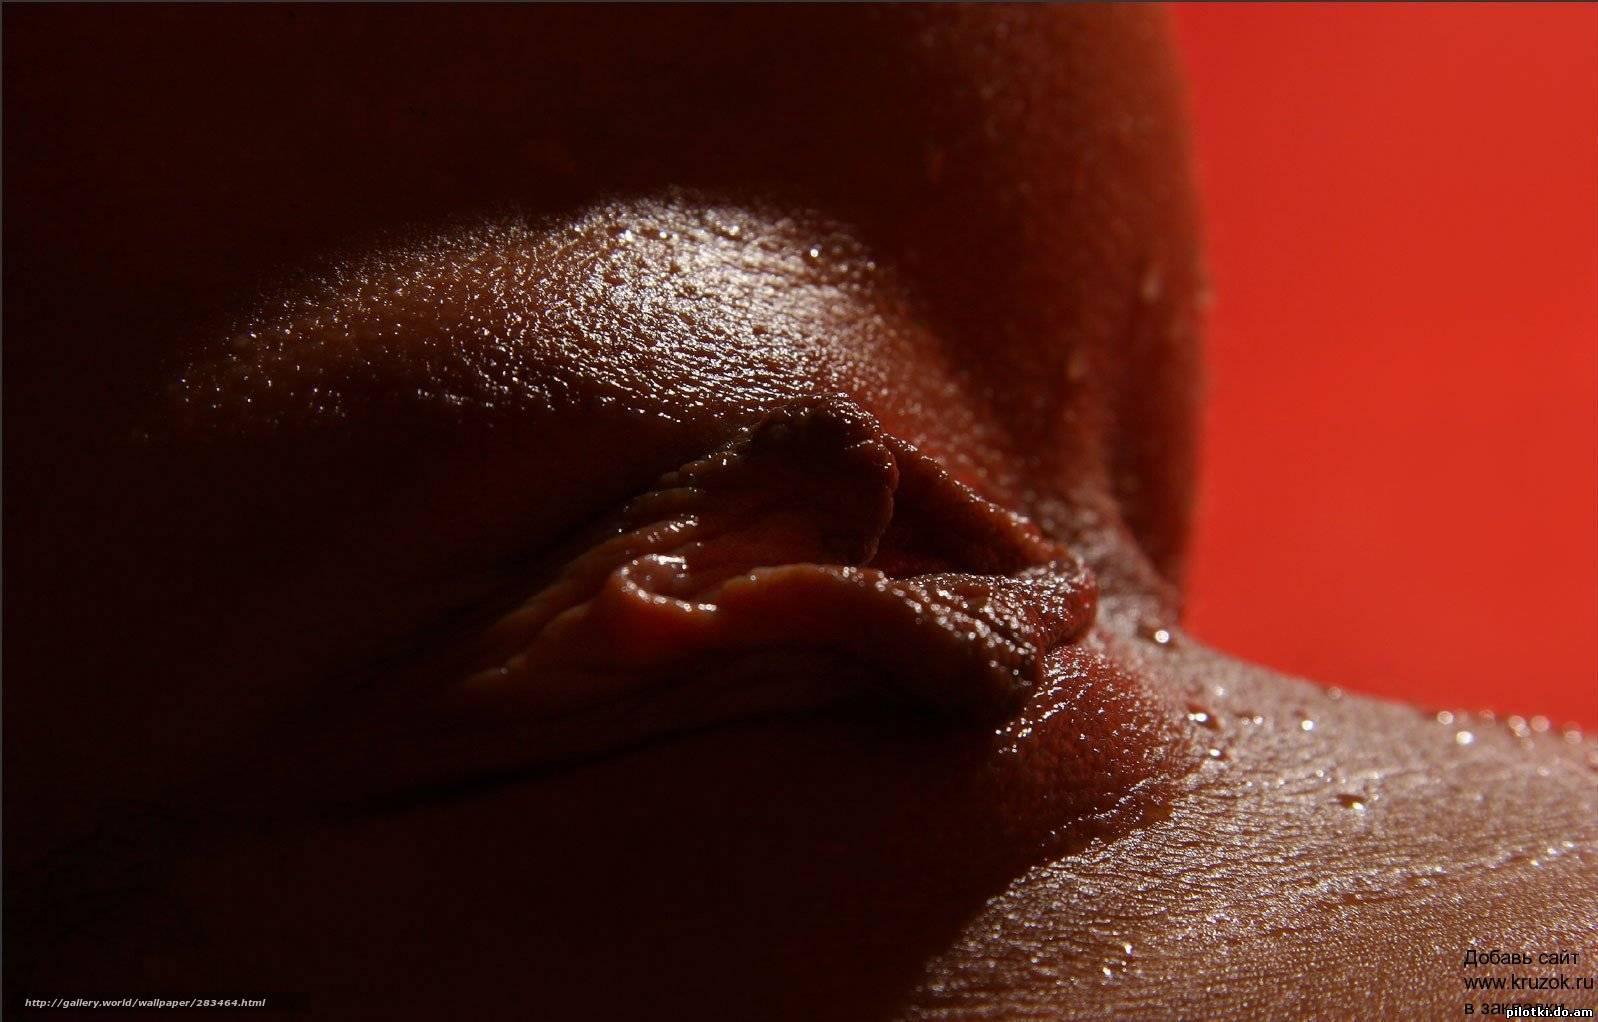 Фото женских половых губ макро